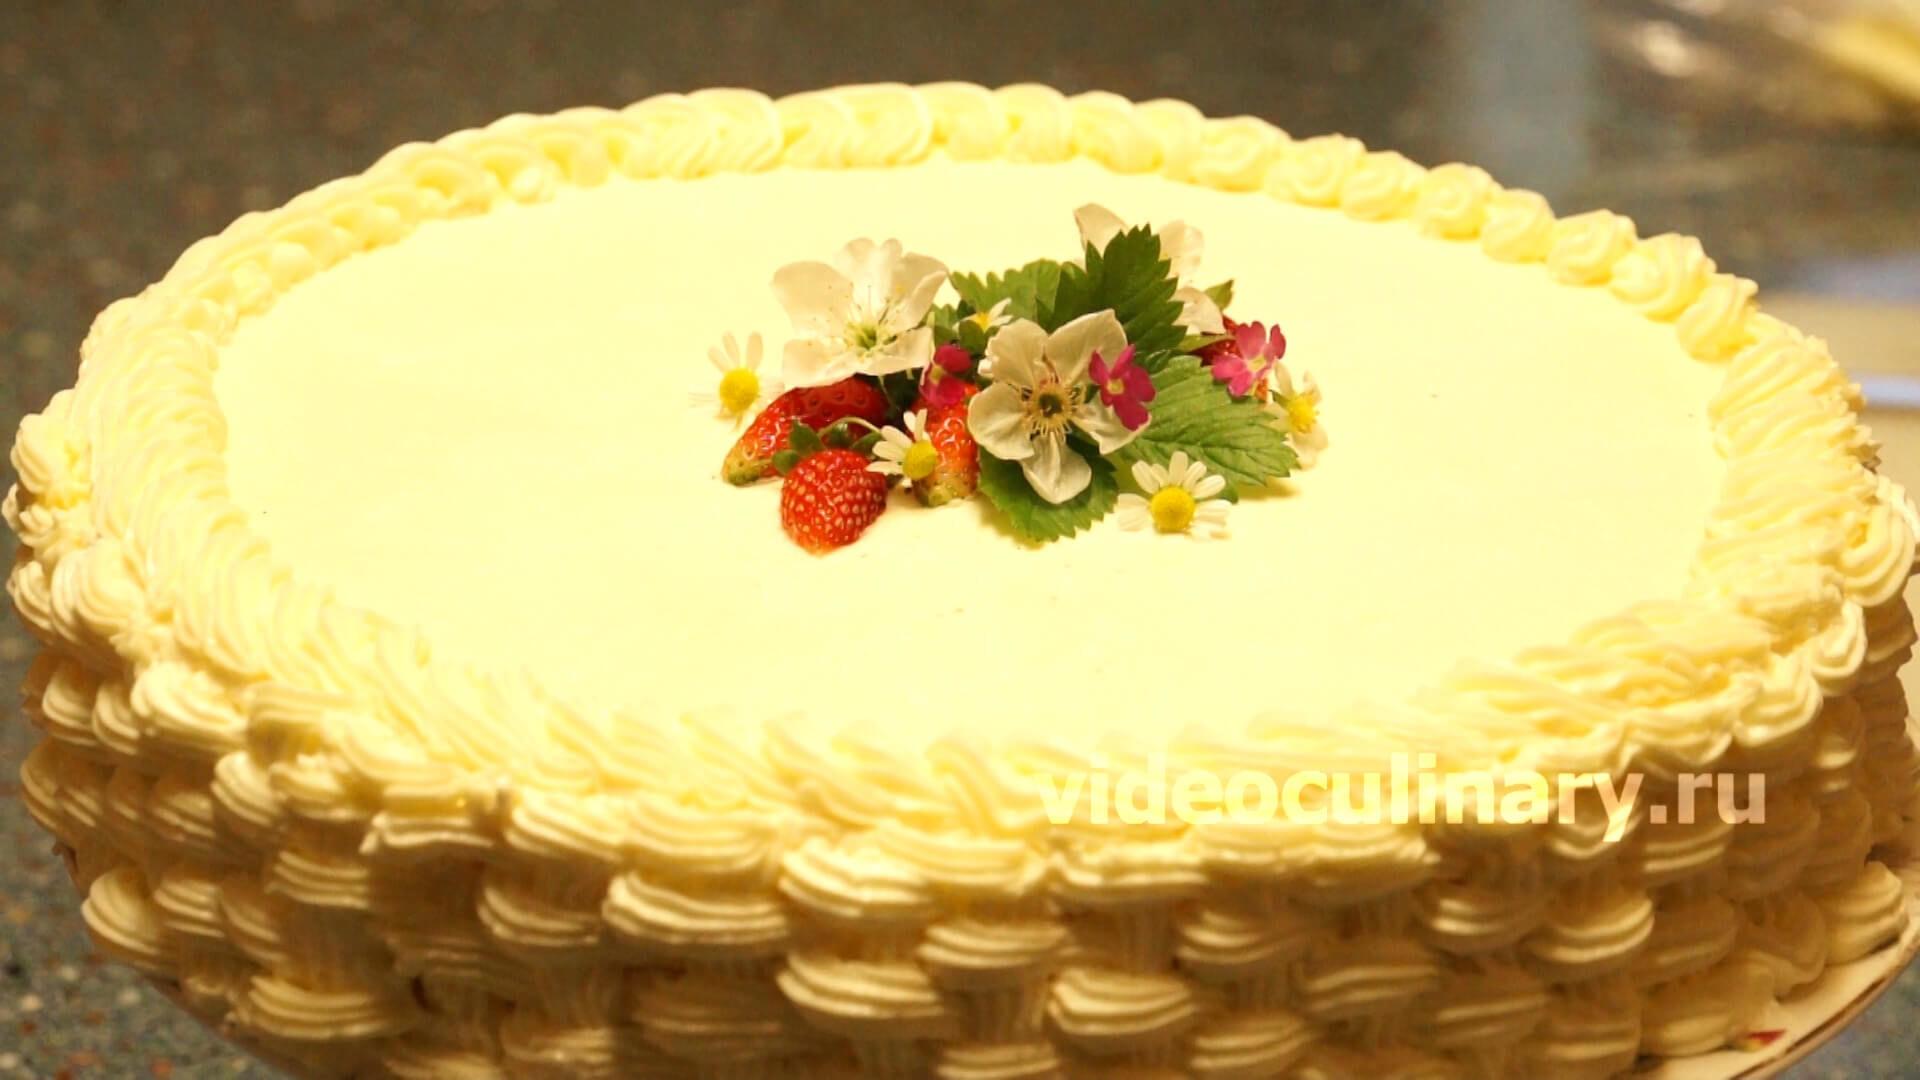 Украшение торта — плетеная корзинка из крема